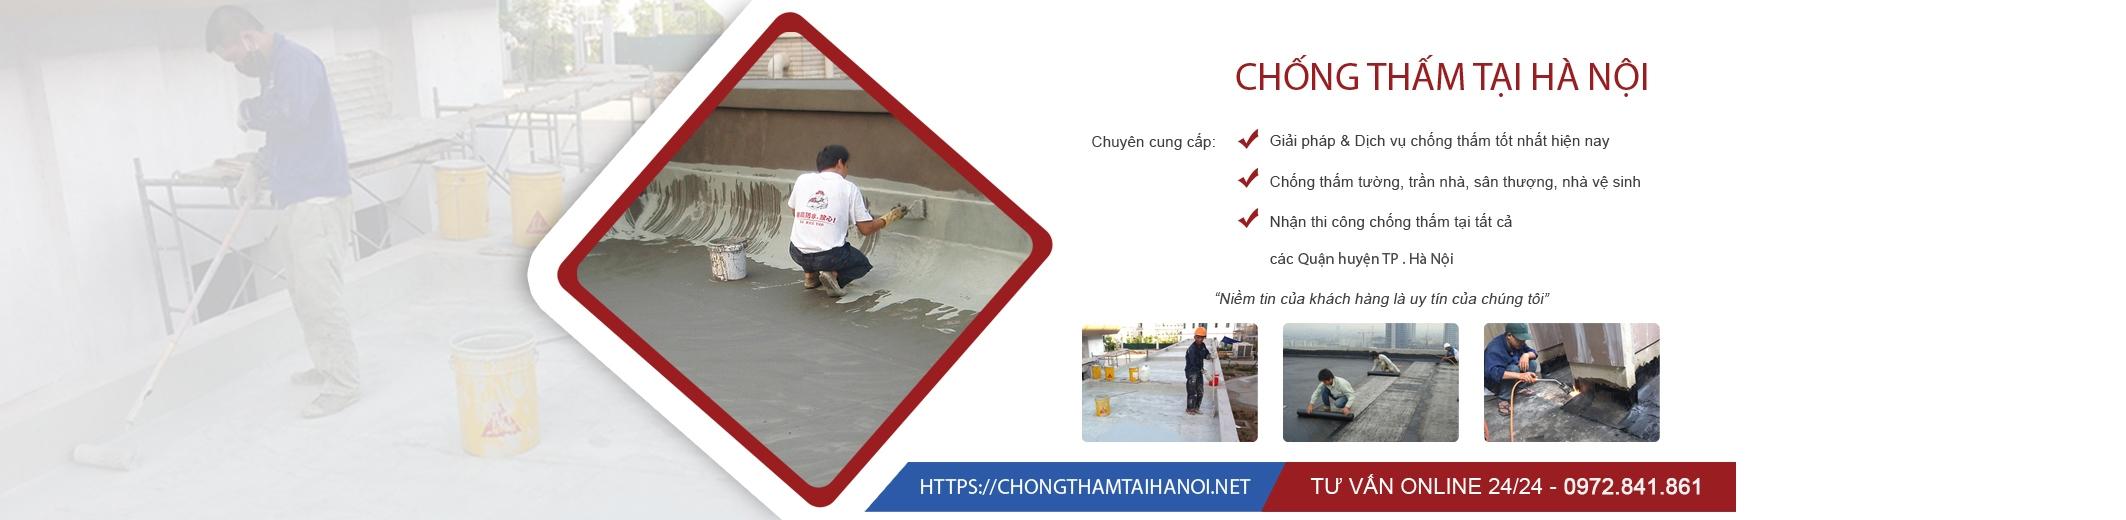 Chống thấm tại Hà Nội (@chongthamtaihanoivn) Cover Image